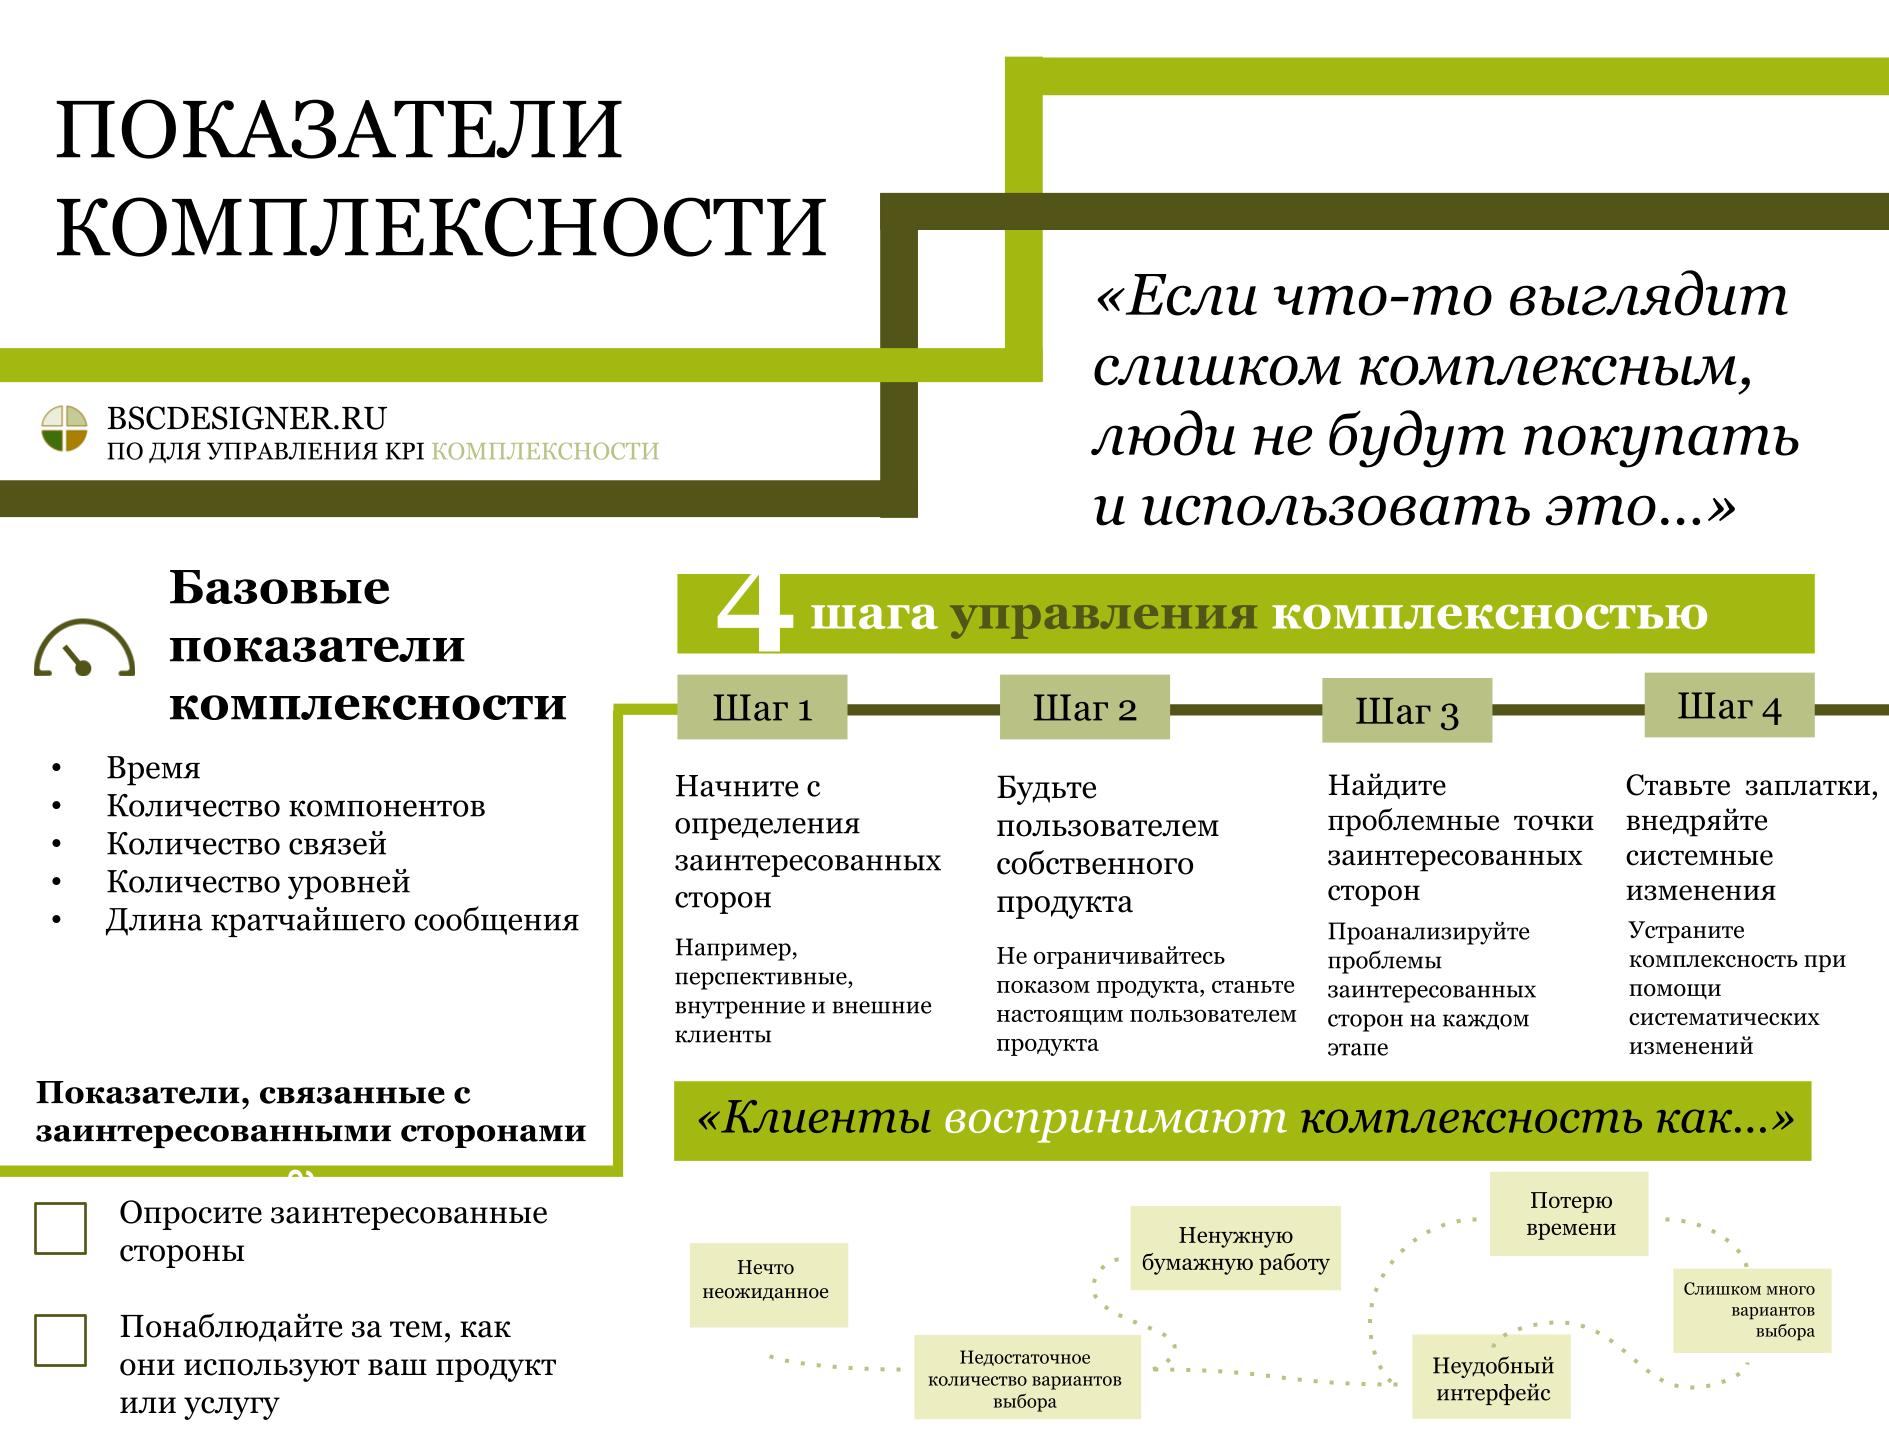 Показатели комплексности: 4 шага к управлению комплексностью